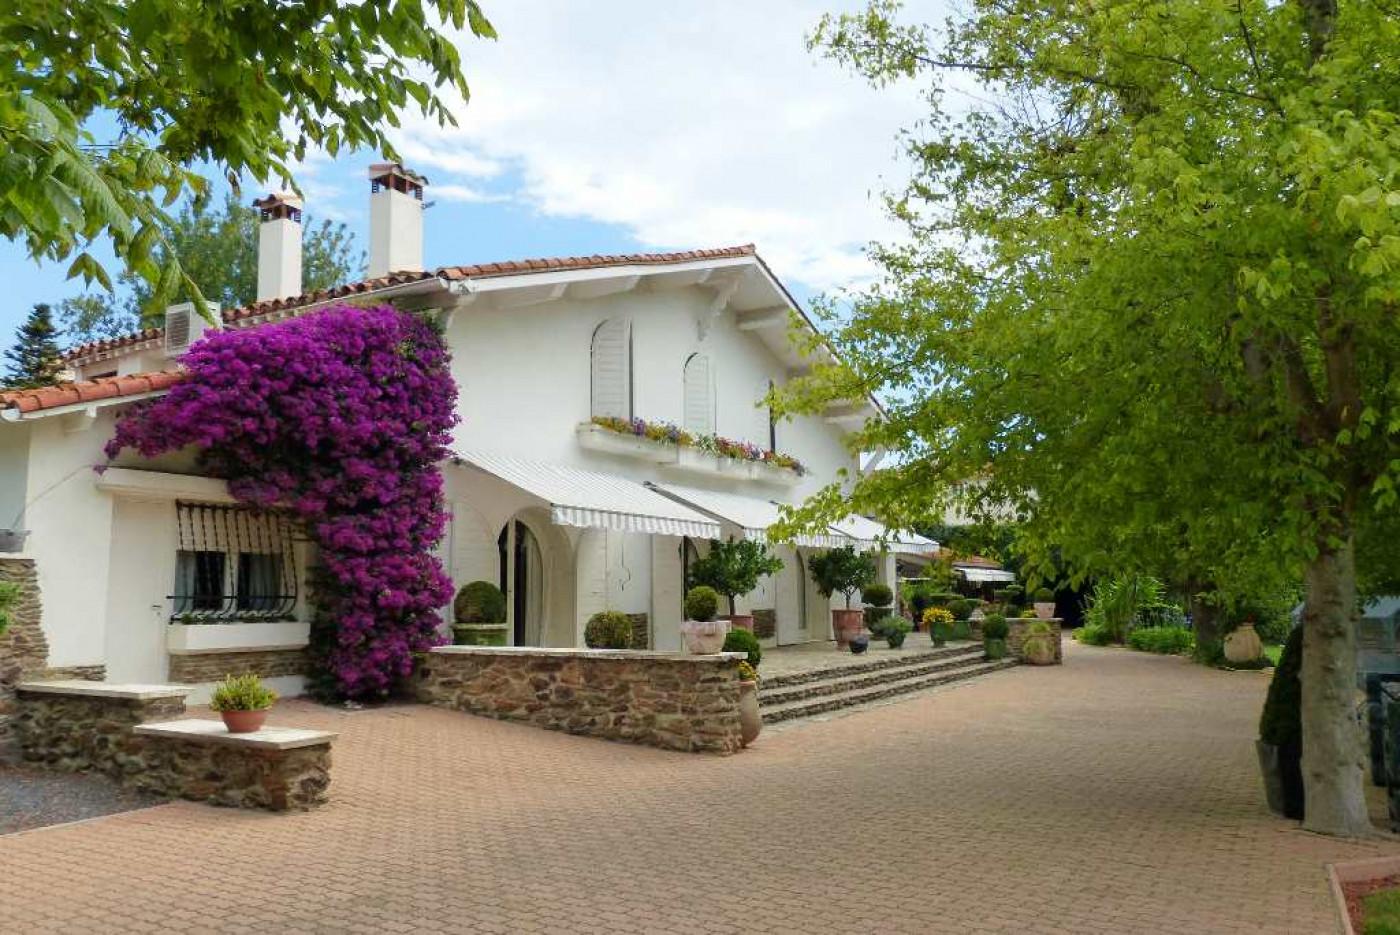 Maison de ville en vente perpignan must for Immobilier perpignan